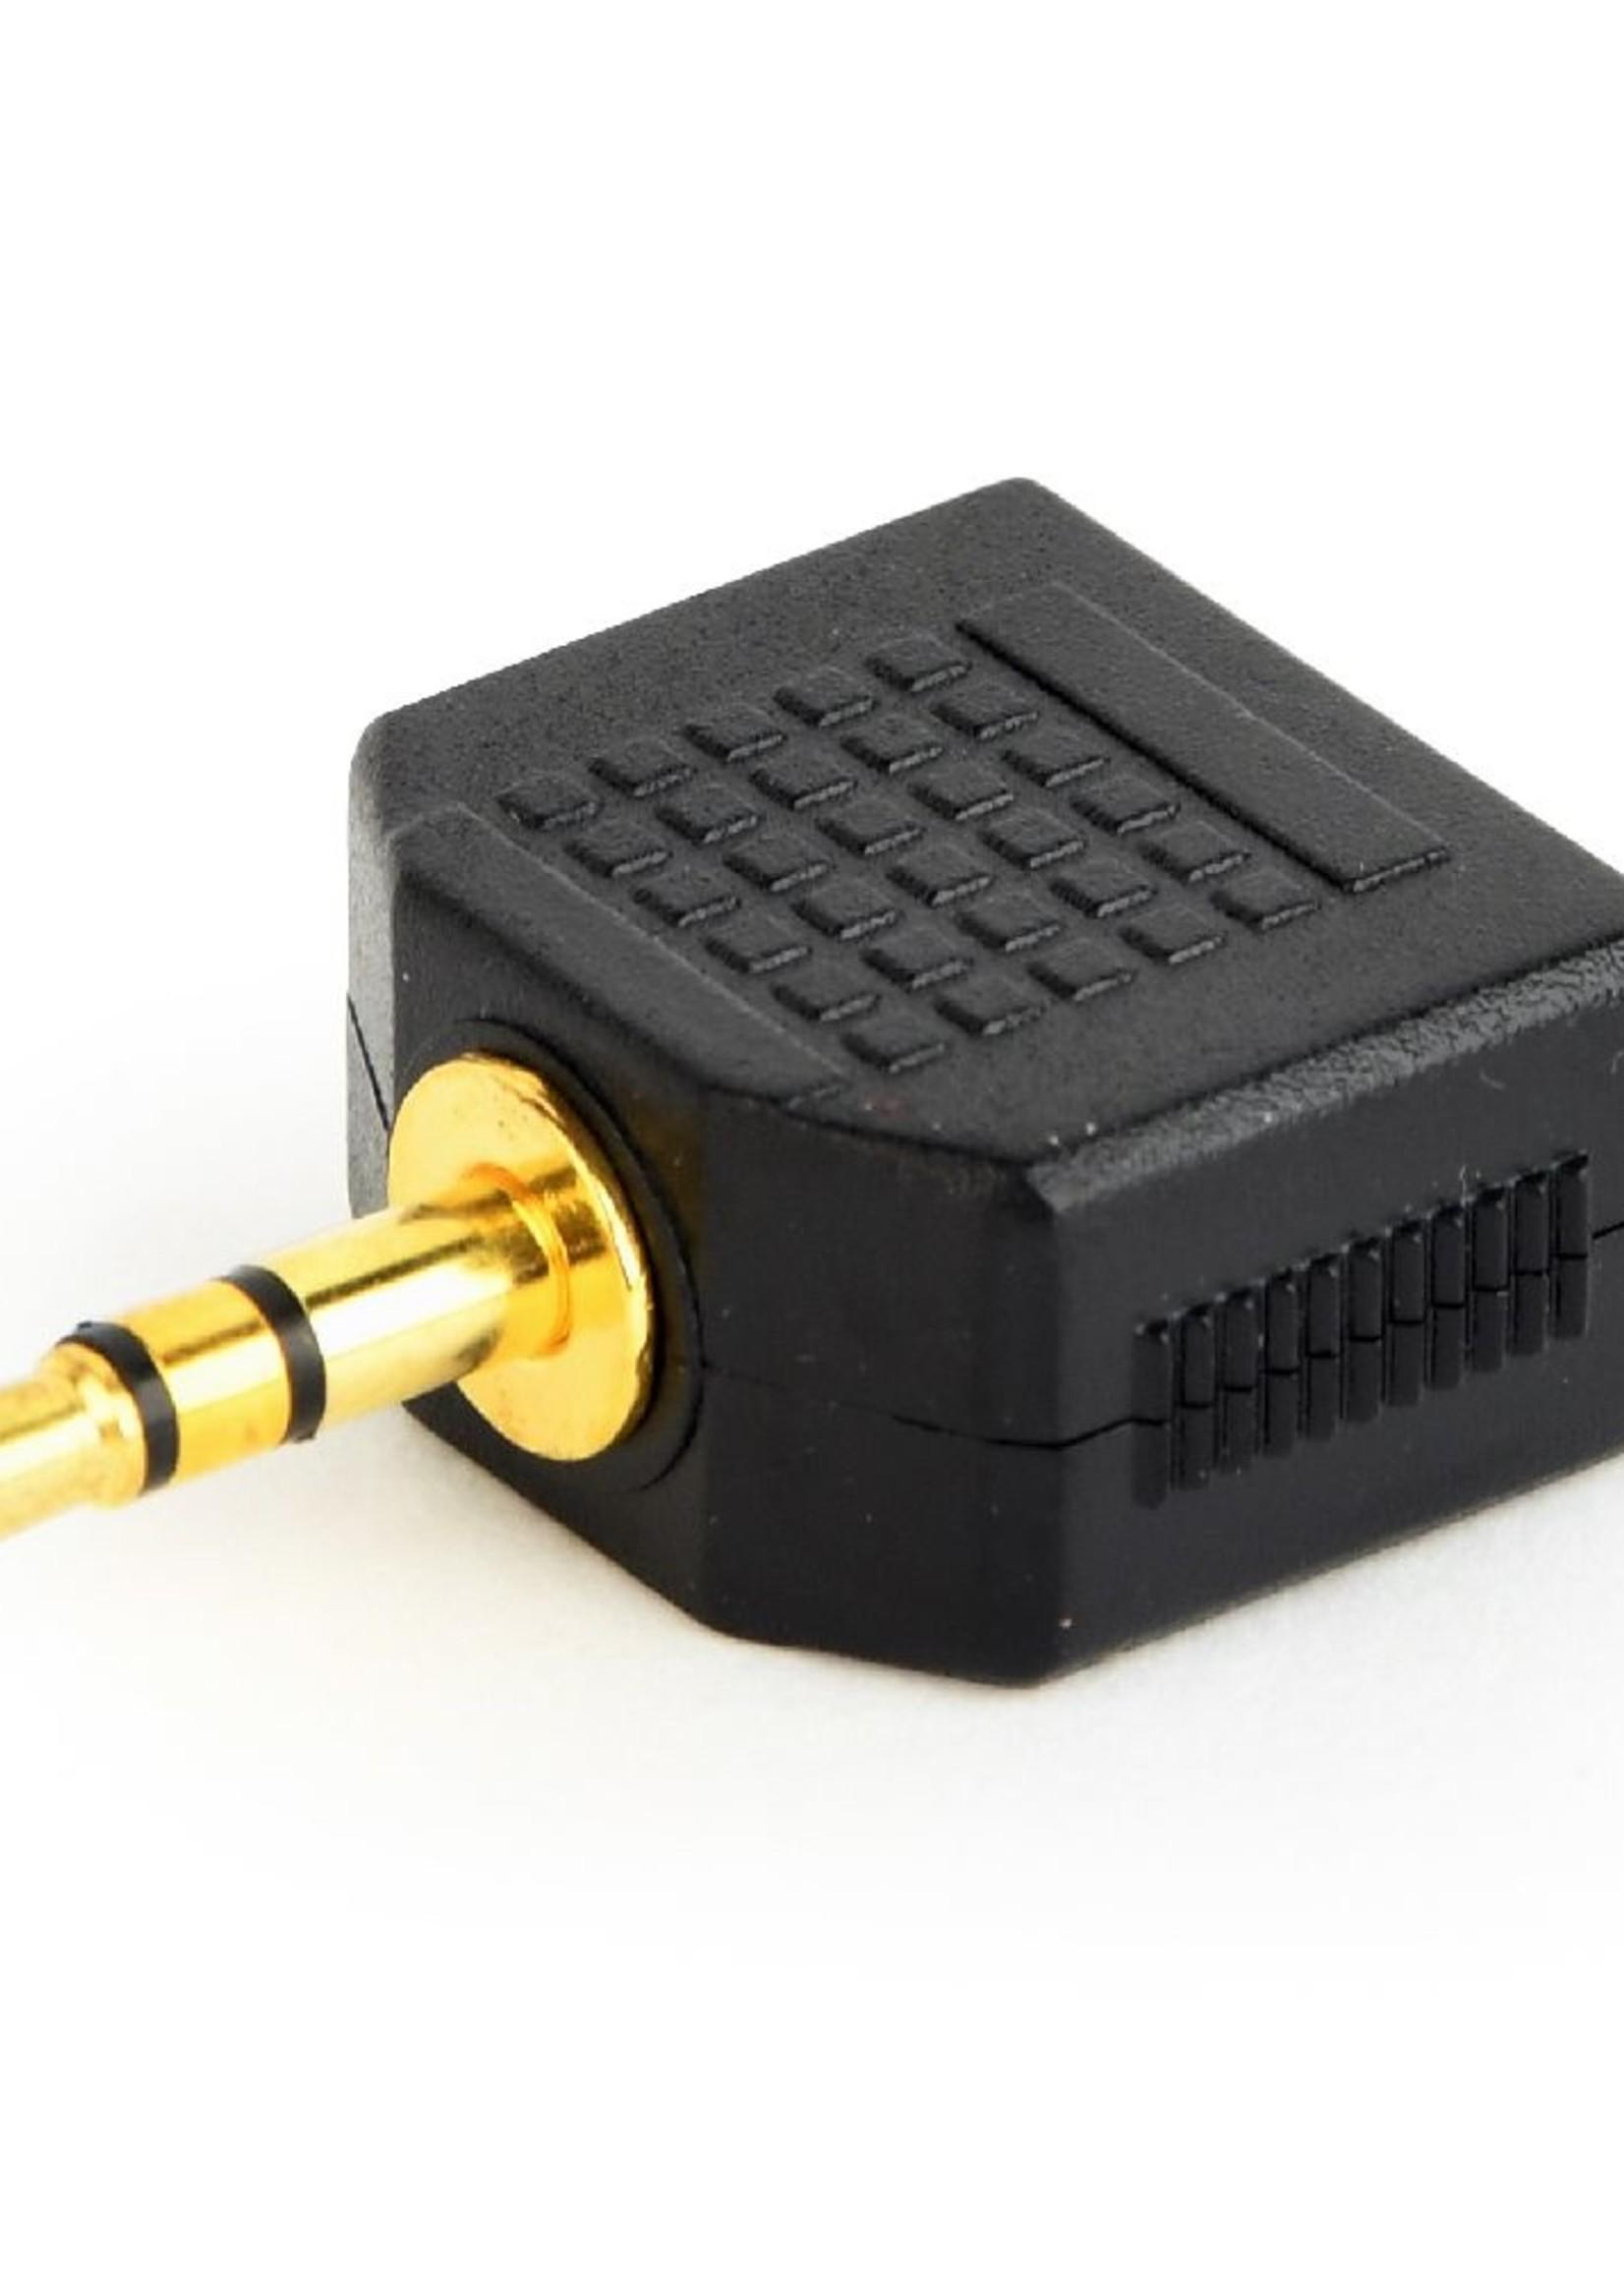 CableXpert 3,5 mm audiosplitter